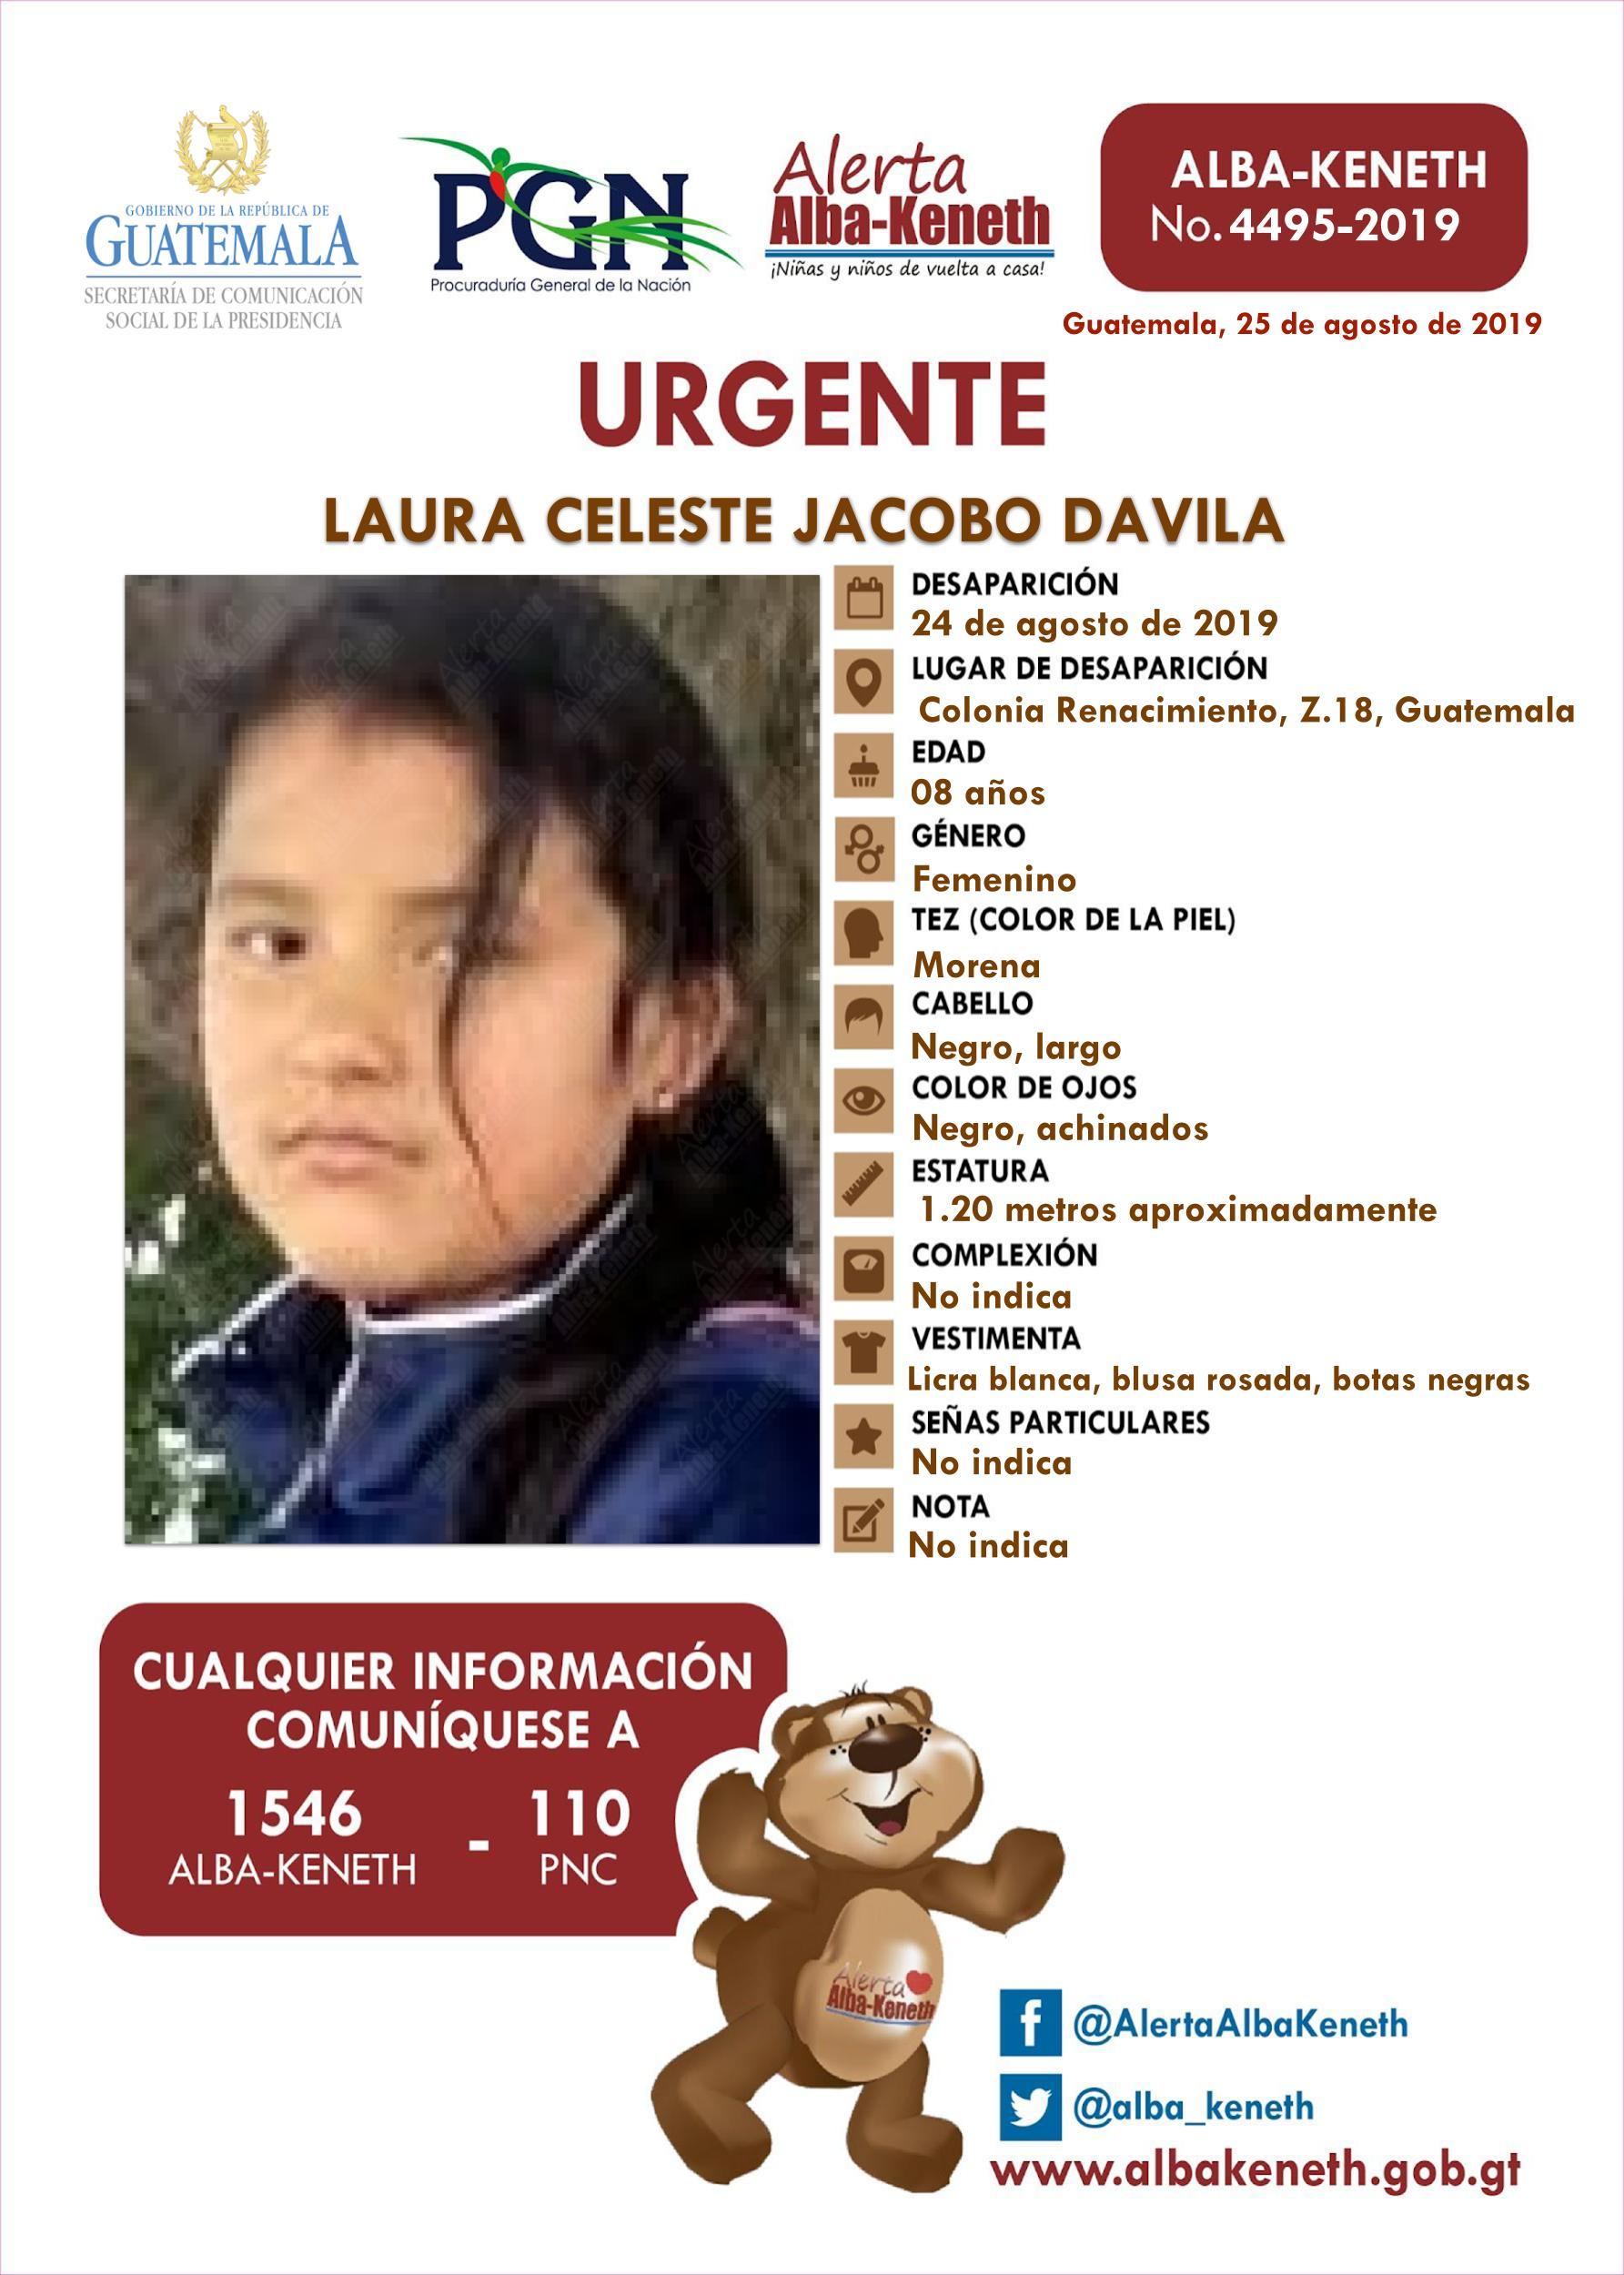 Laura Celeste Jacobo Davila